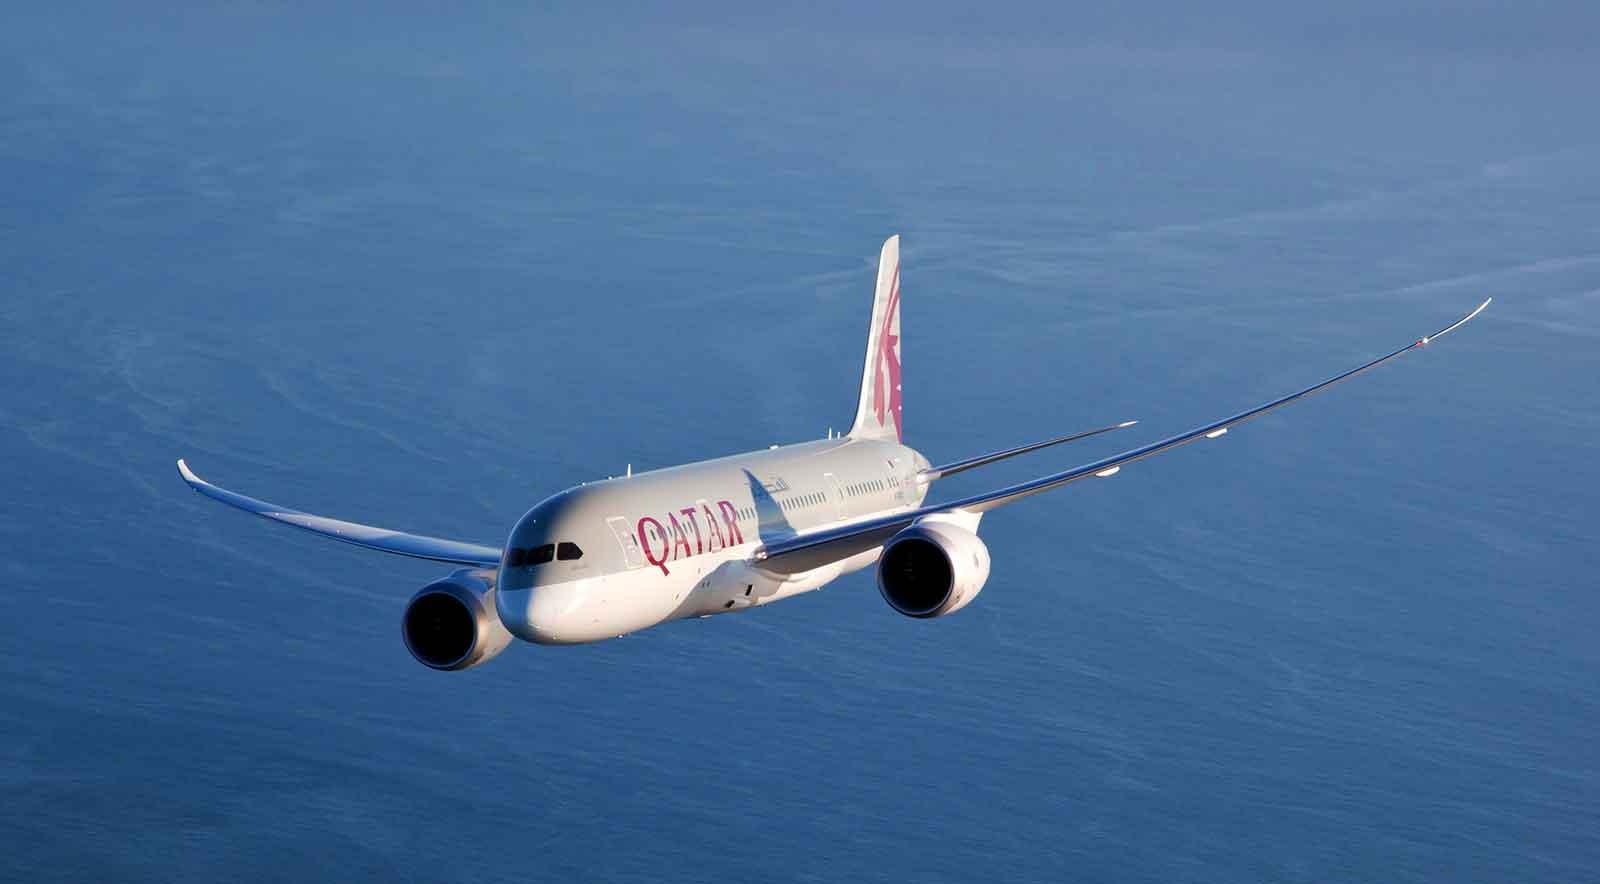 Qatar Airways begin flights from Edinburgh to Doha